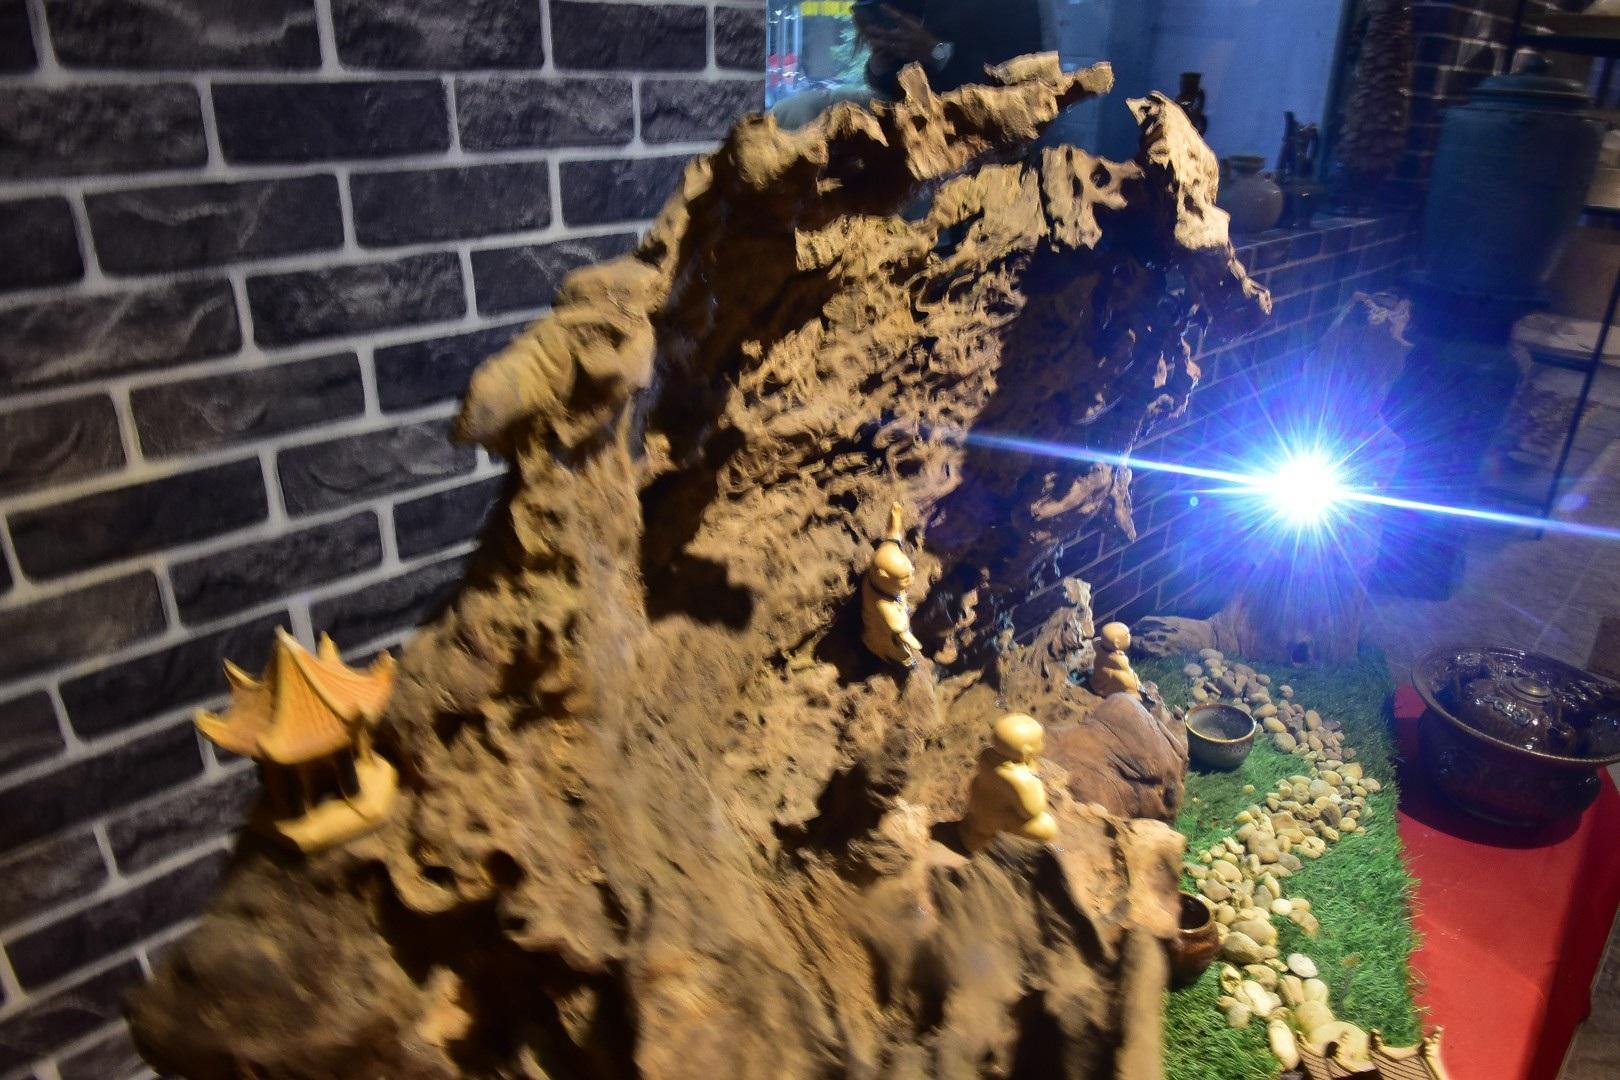 Độc đáo nghệ thuật điêu khắc ánh sáng của anh chàng kỹ sư xây dựng - Ảnh 4.